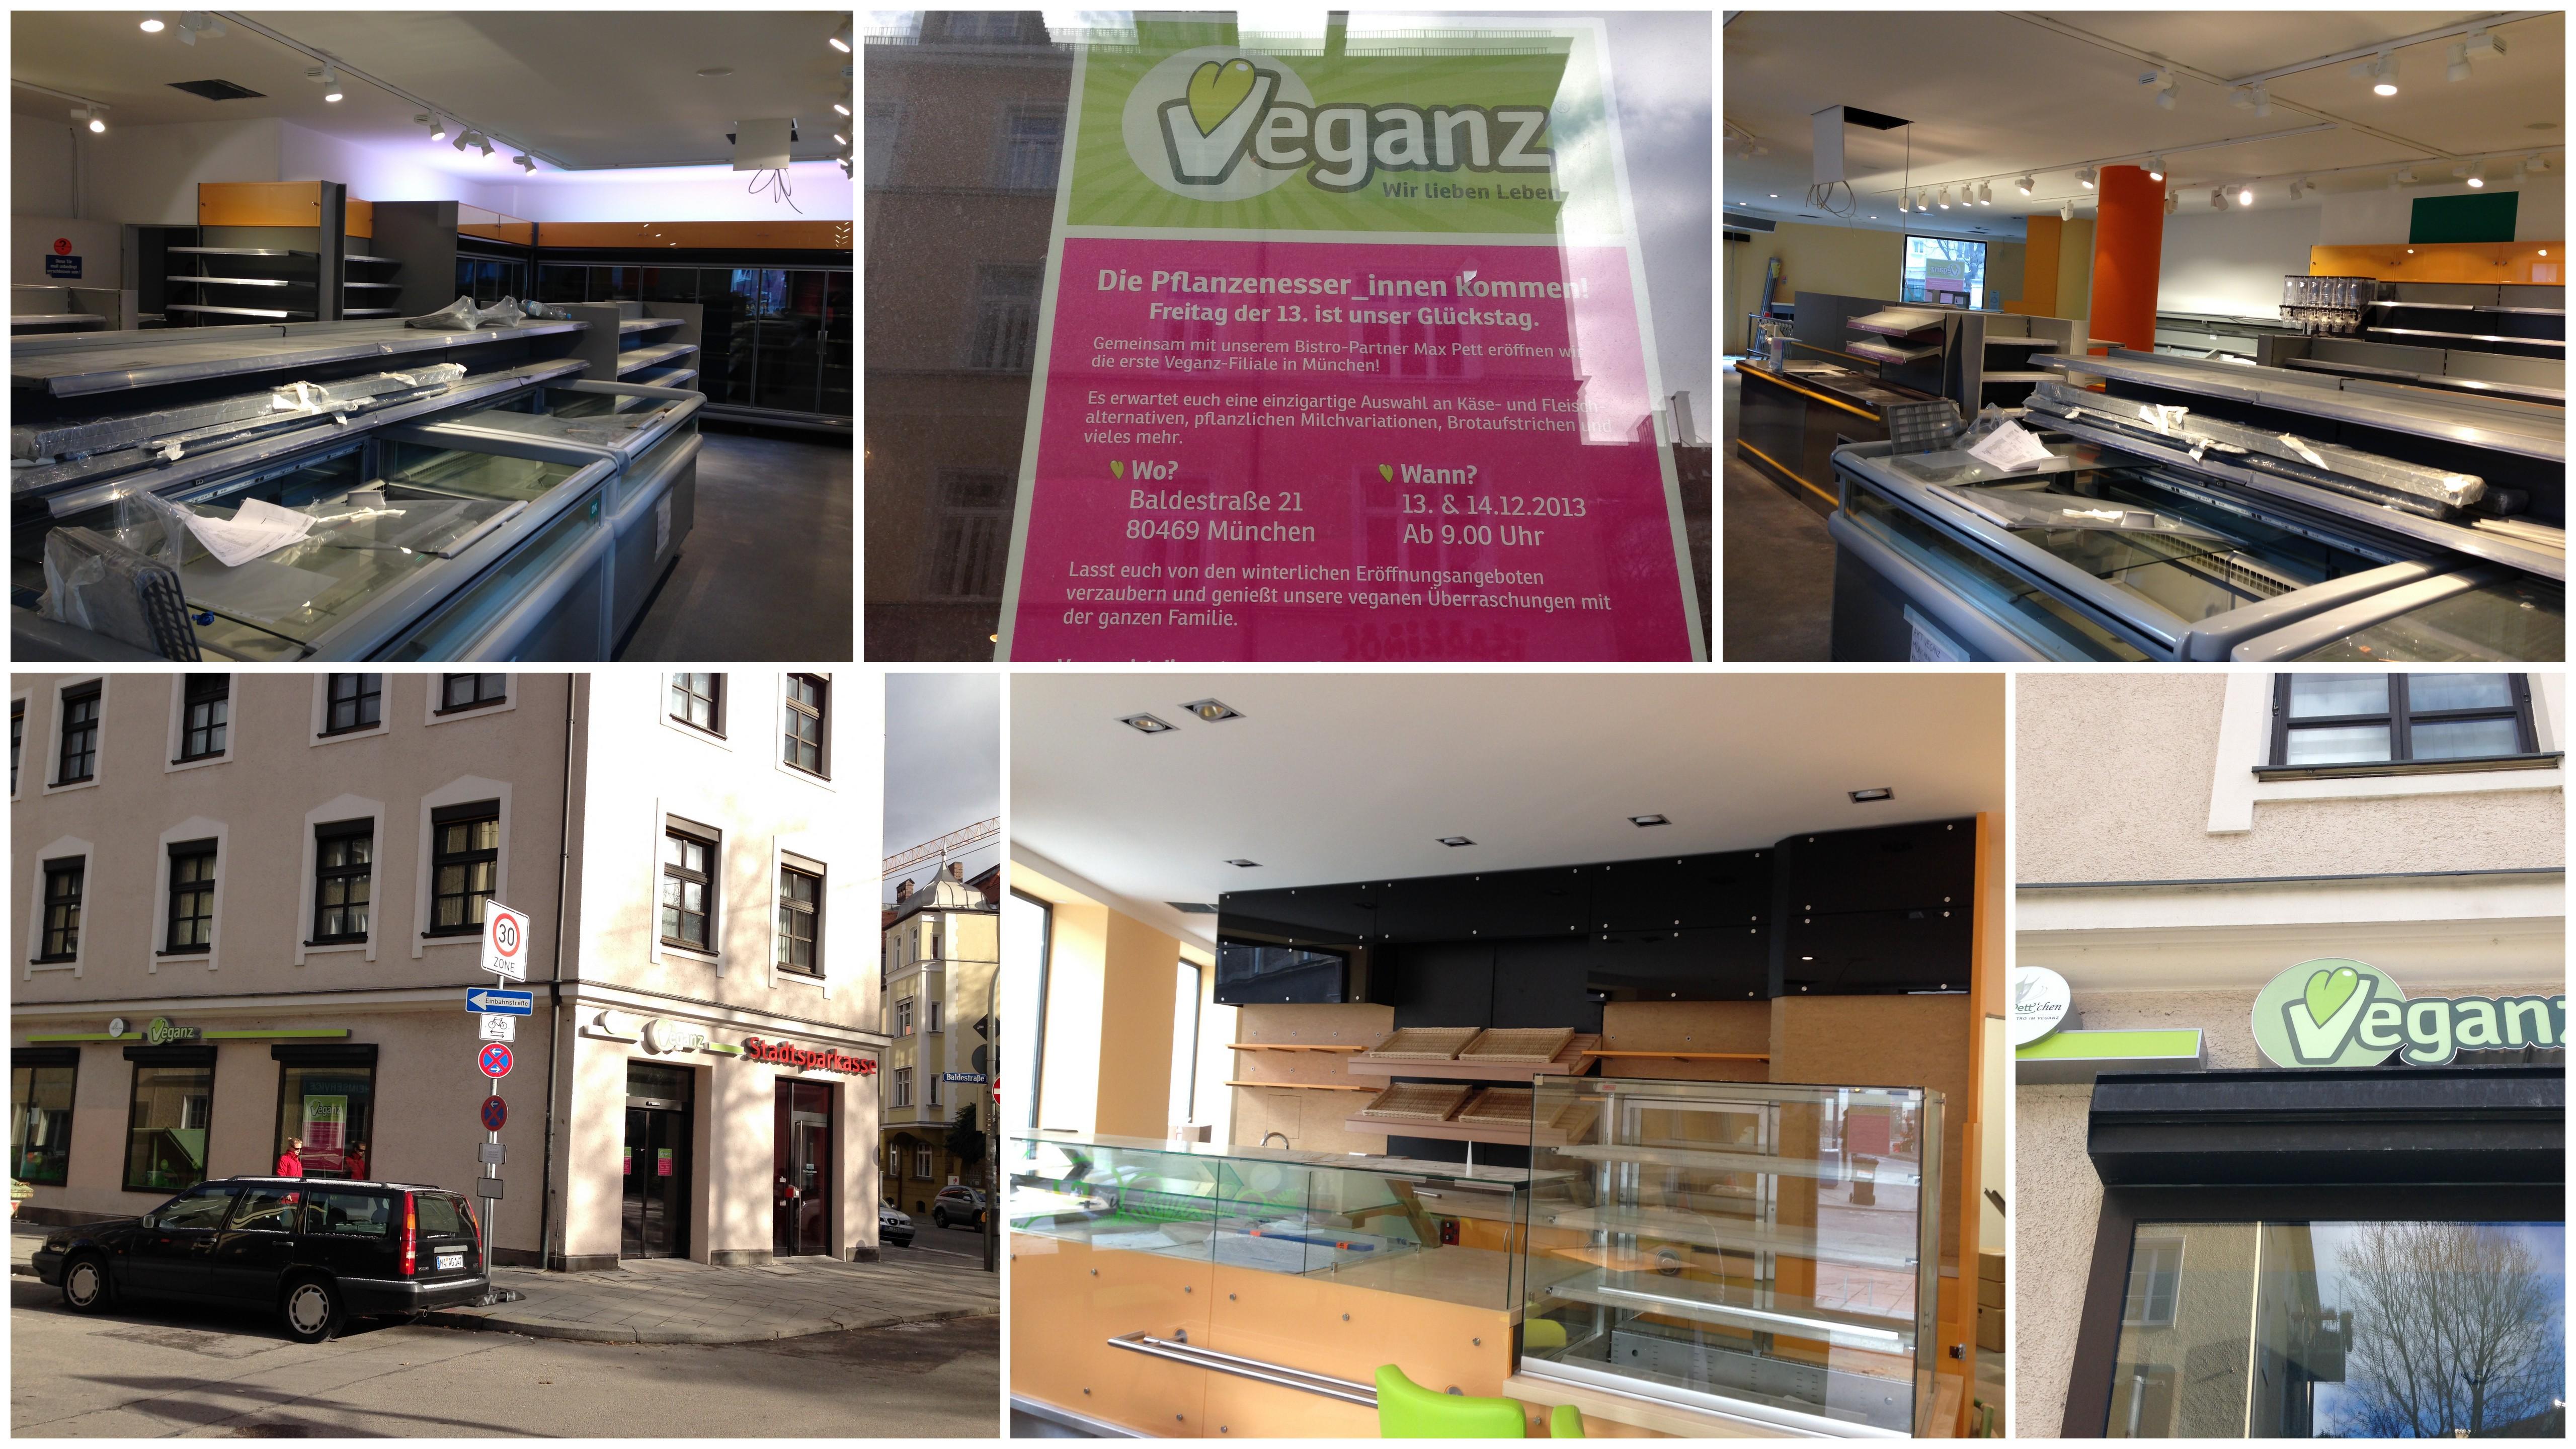 Veganz Der Vegane Supermarkt Neueroffnung In Munchen